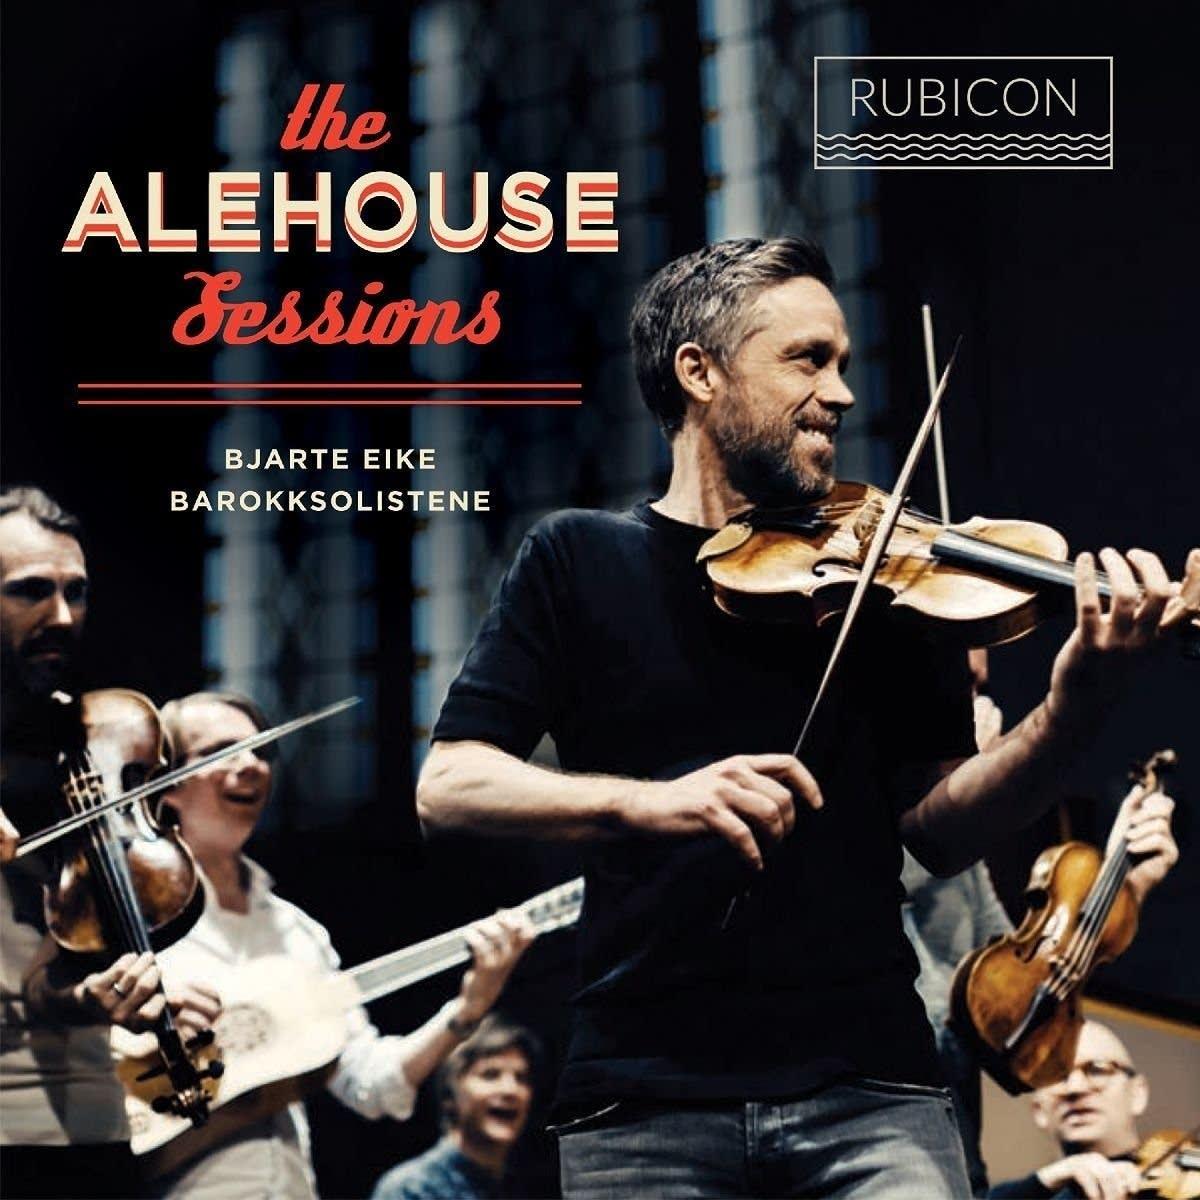 Bjarte Eike and Barokksolistene, 'The Alehouse Sessions'